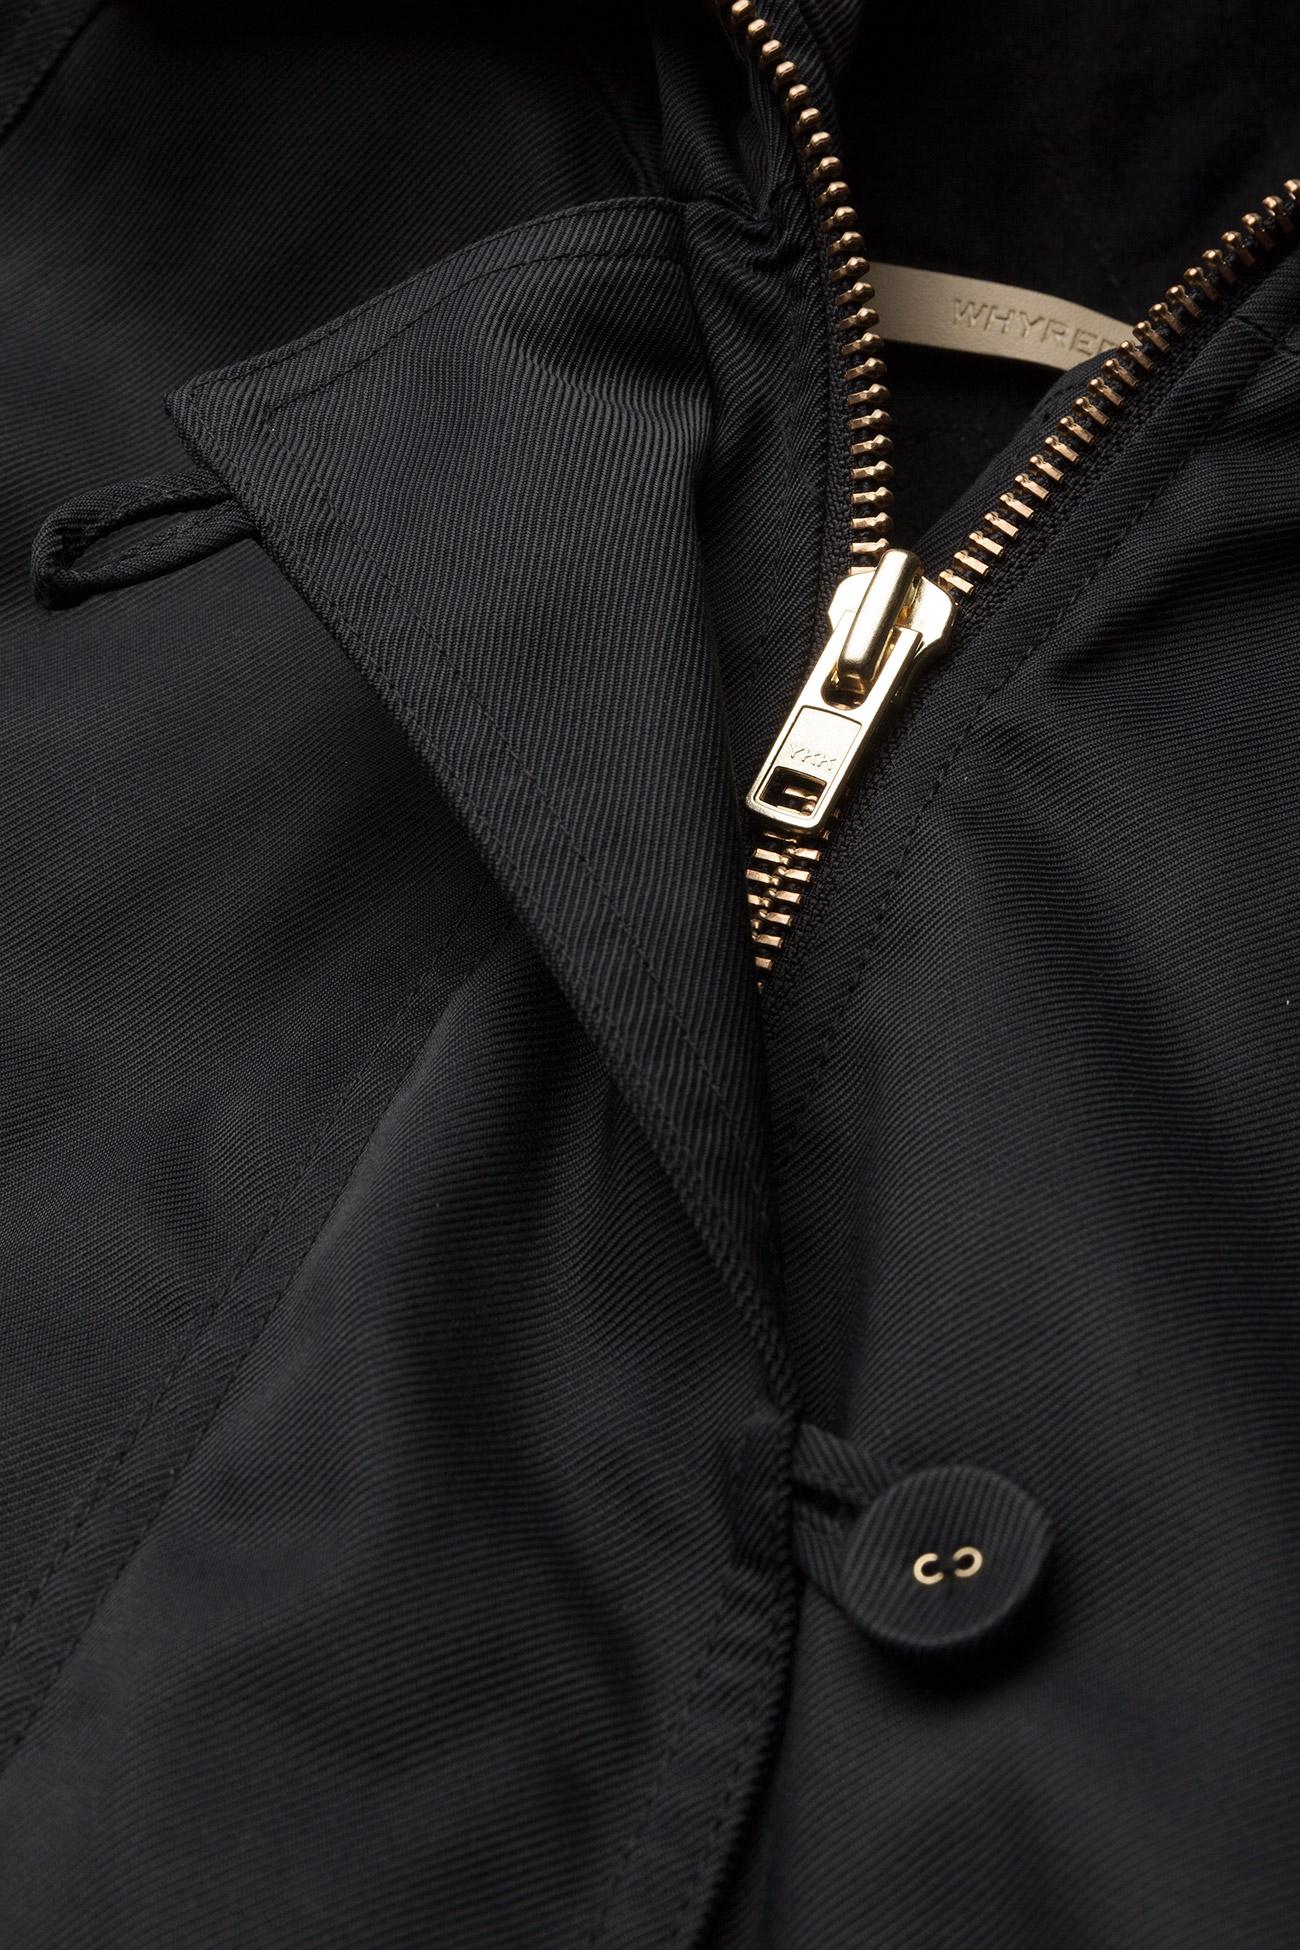 Whyred STAR - Jacken & Mäntel BLACK - Damen Kleidung